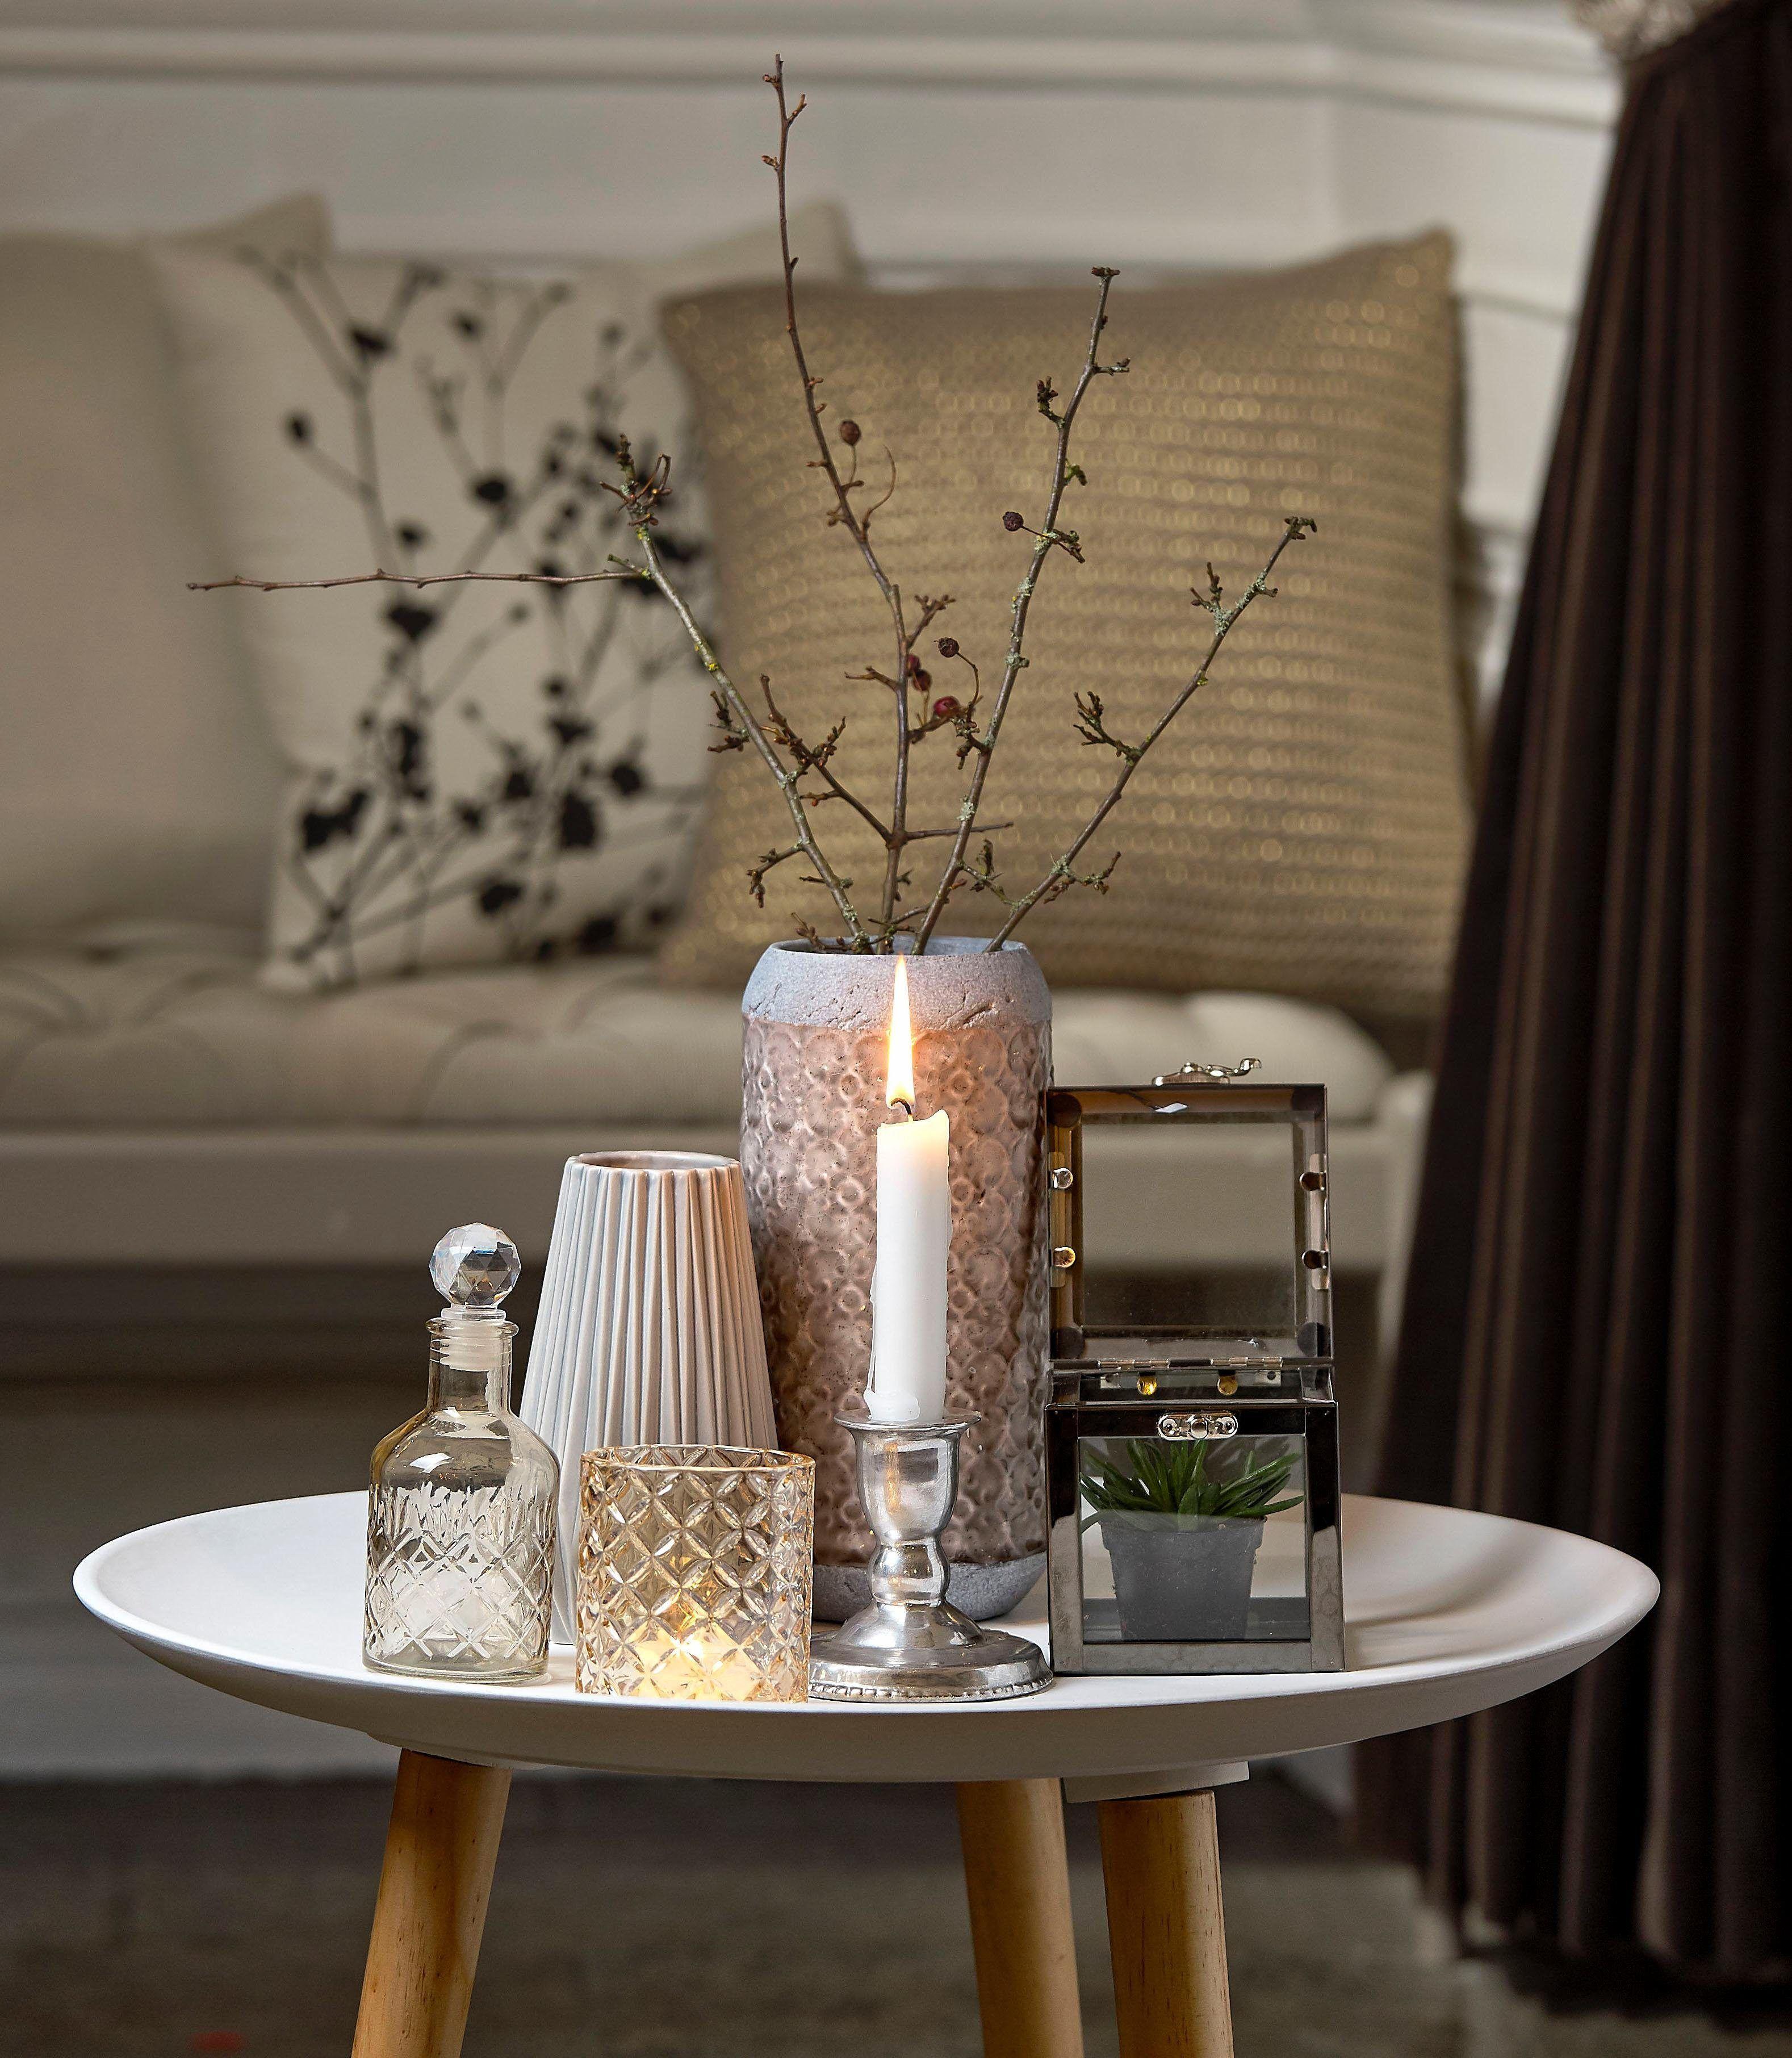 Wohnzimmer Deko Otto: Villa Collection Denmark Vase Im Zement Look